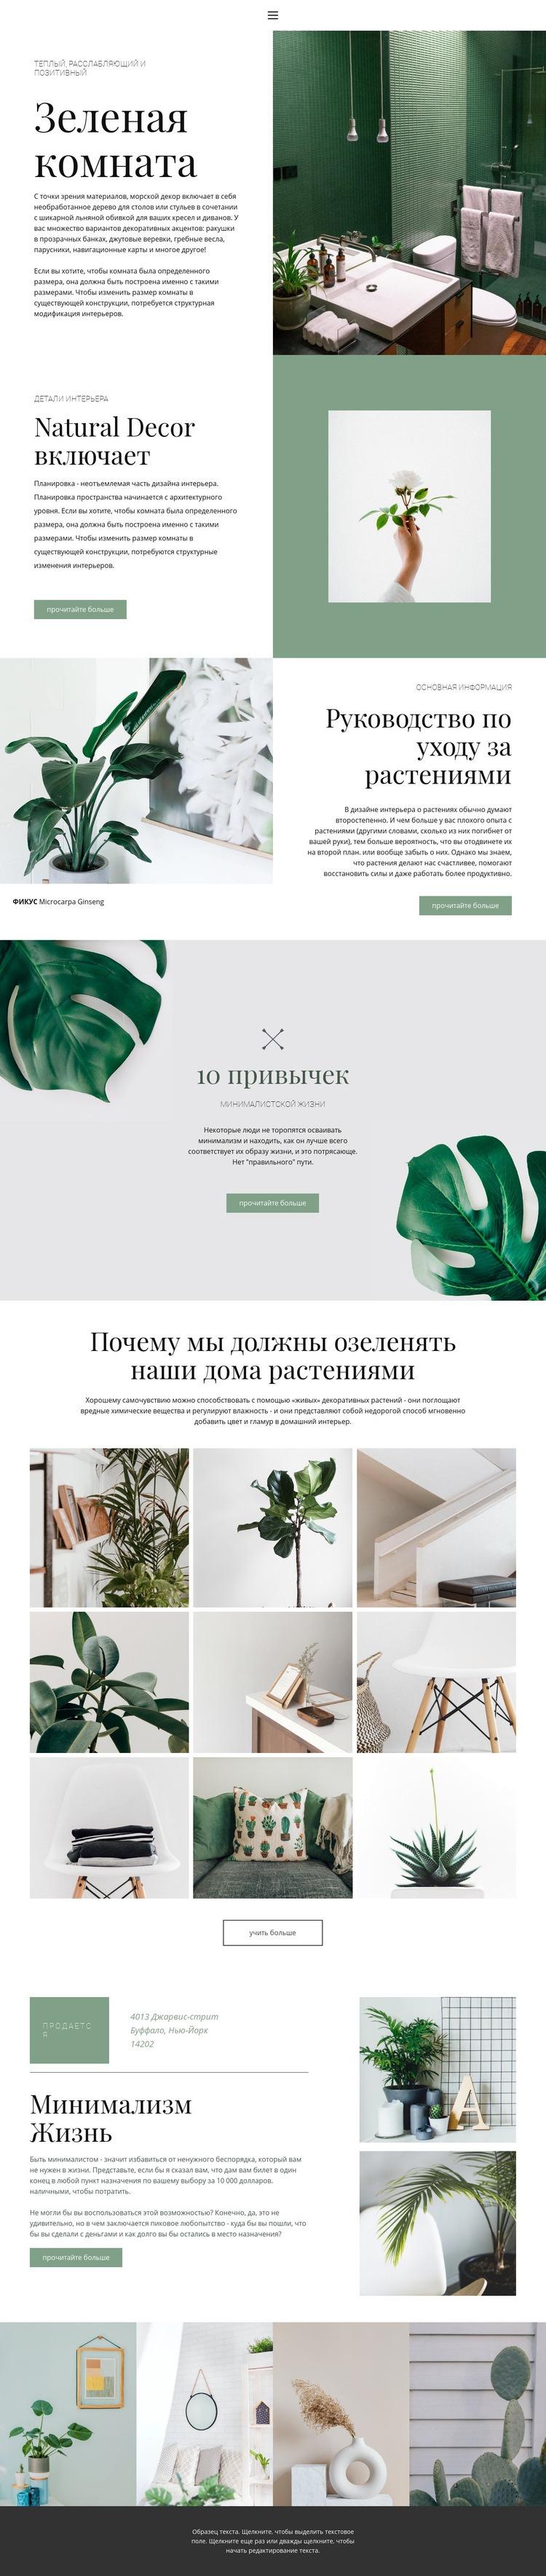 Зеленые детали в доме Шаблон веб-сайта